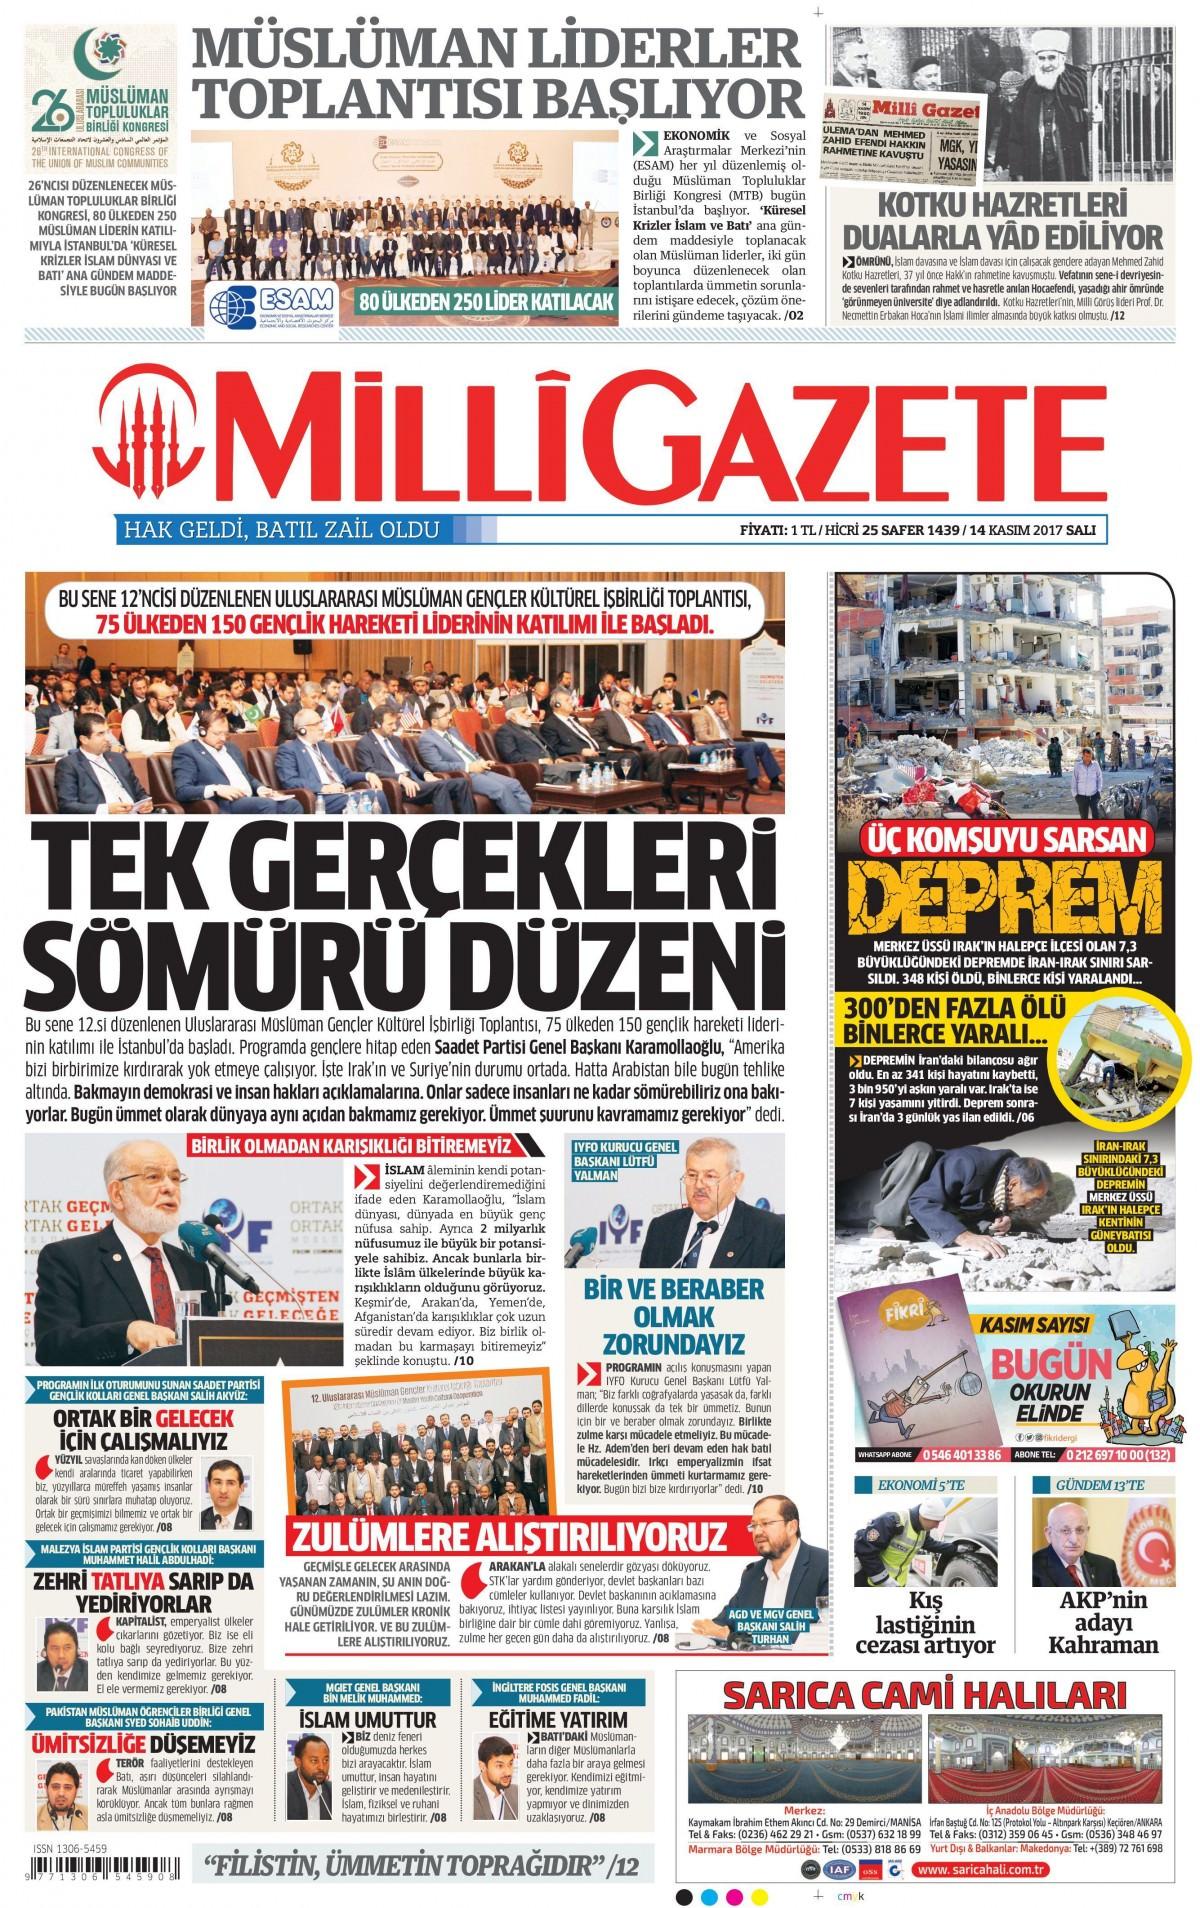 Günün gazete manşetleri! (3 Kasım 2017) 7